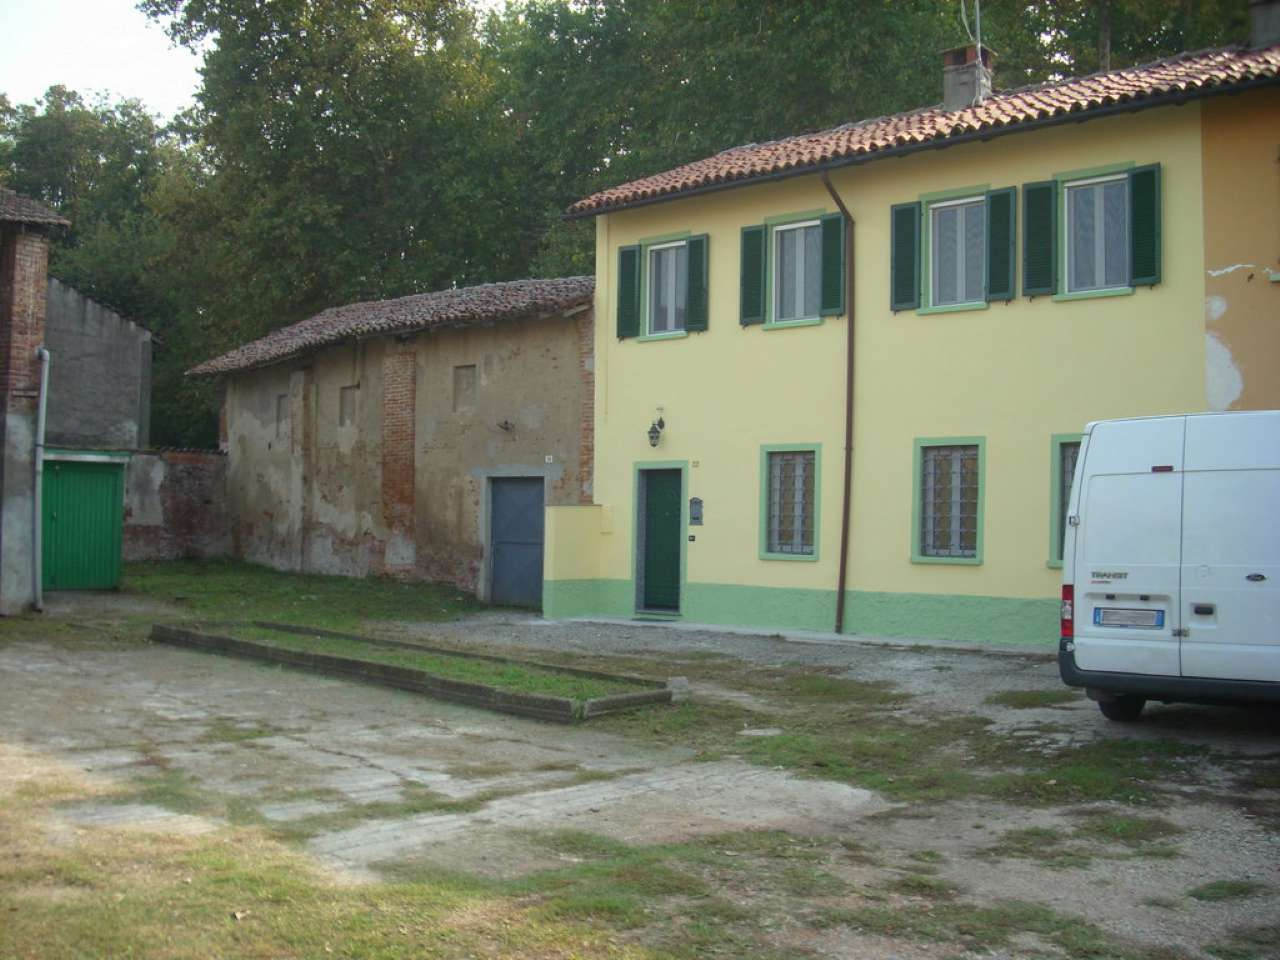 Soluzione Indipendente in vendita a Mortara, 5 locali, prezzo € 89.000 | Cambio Casa.it